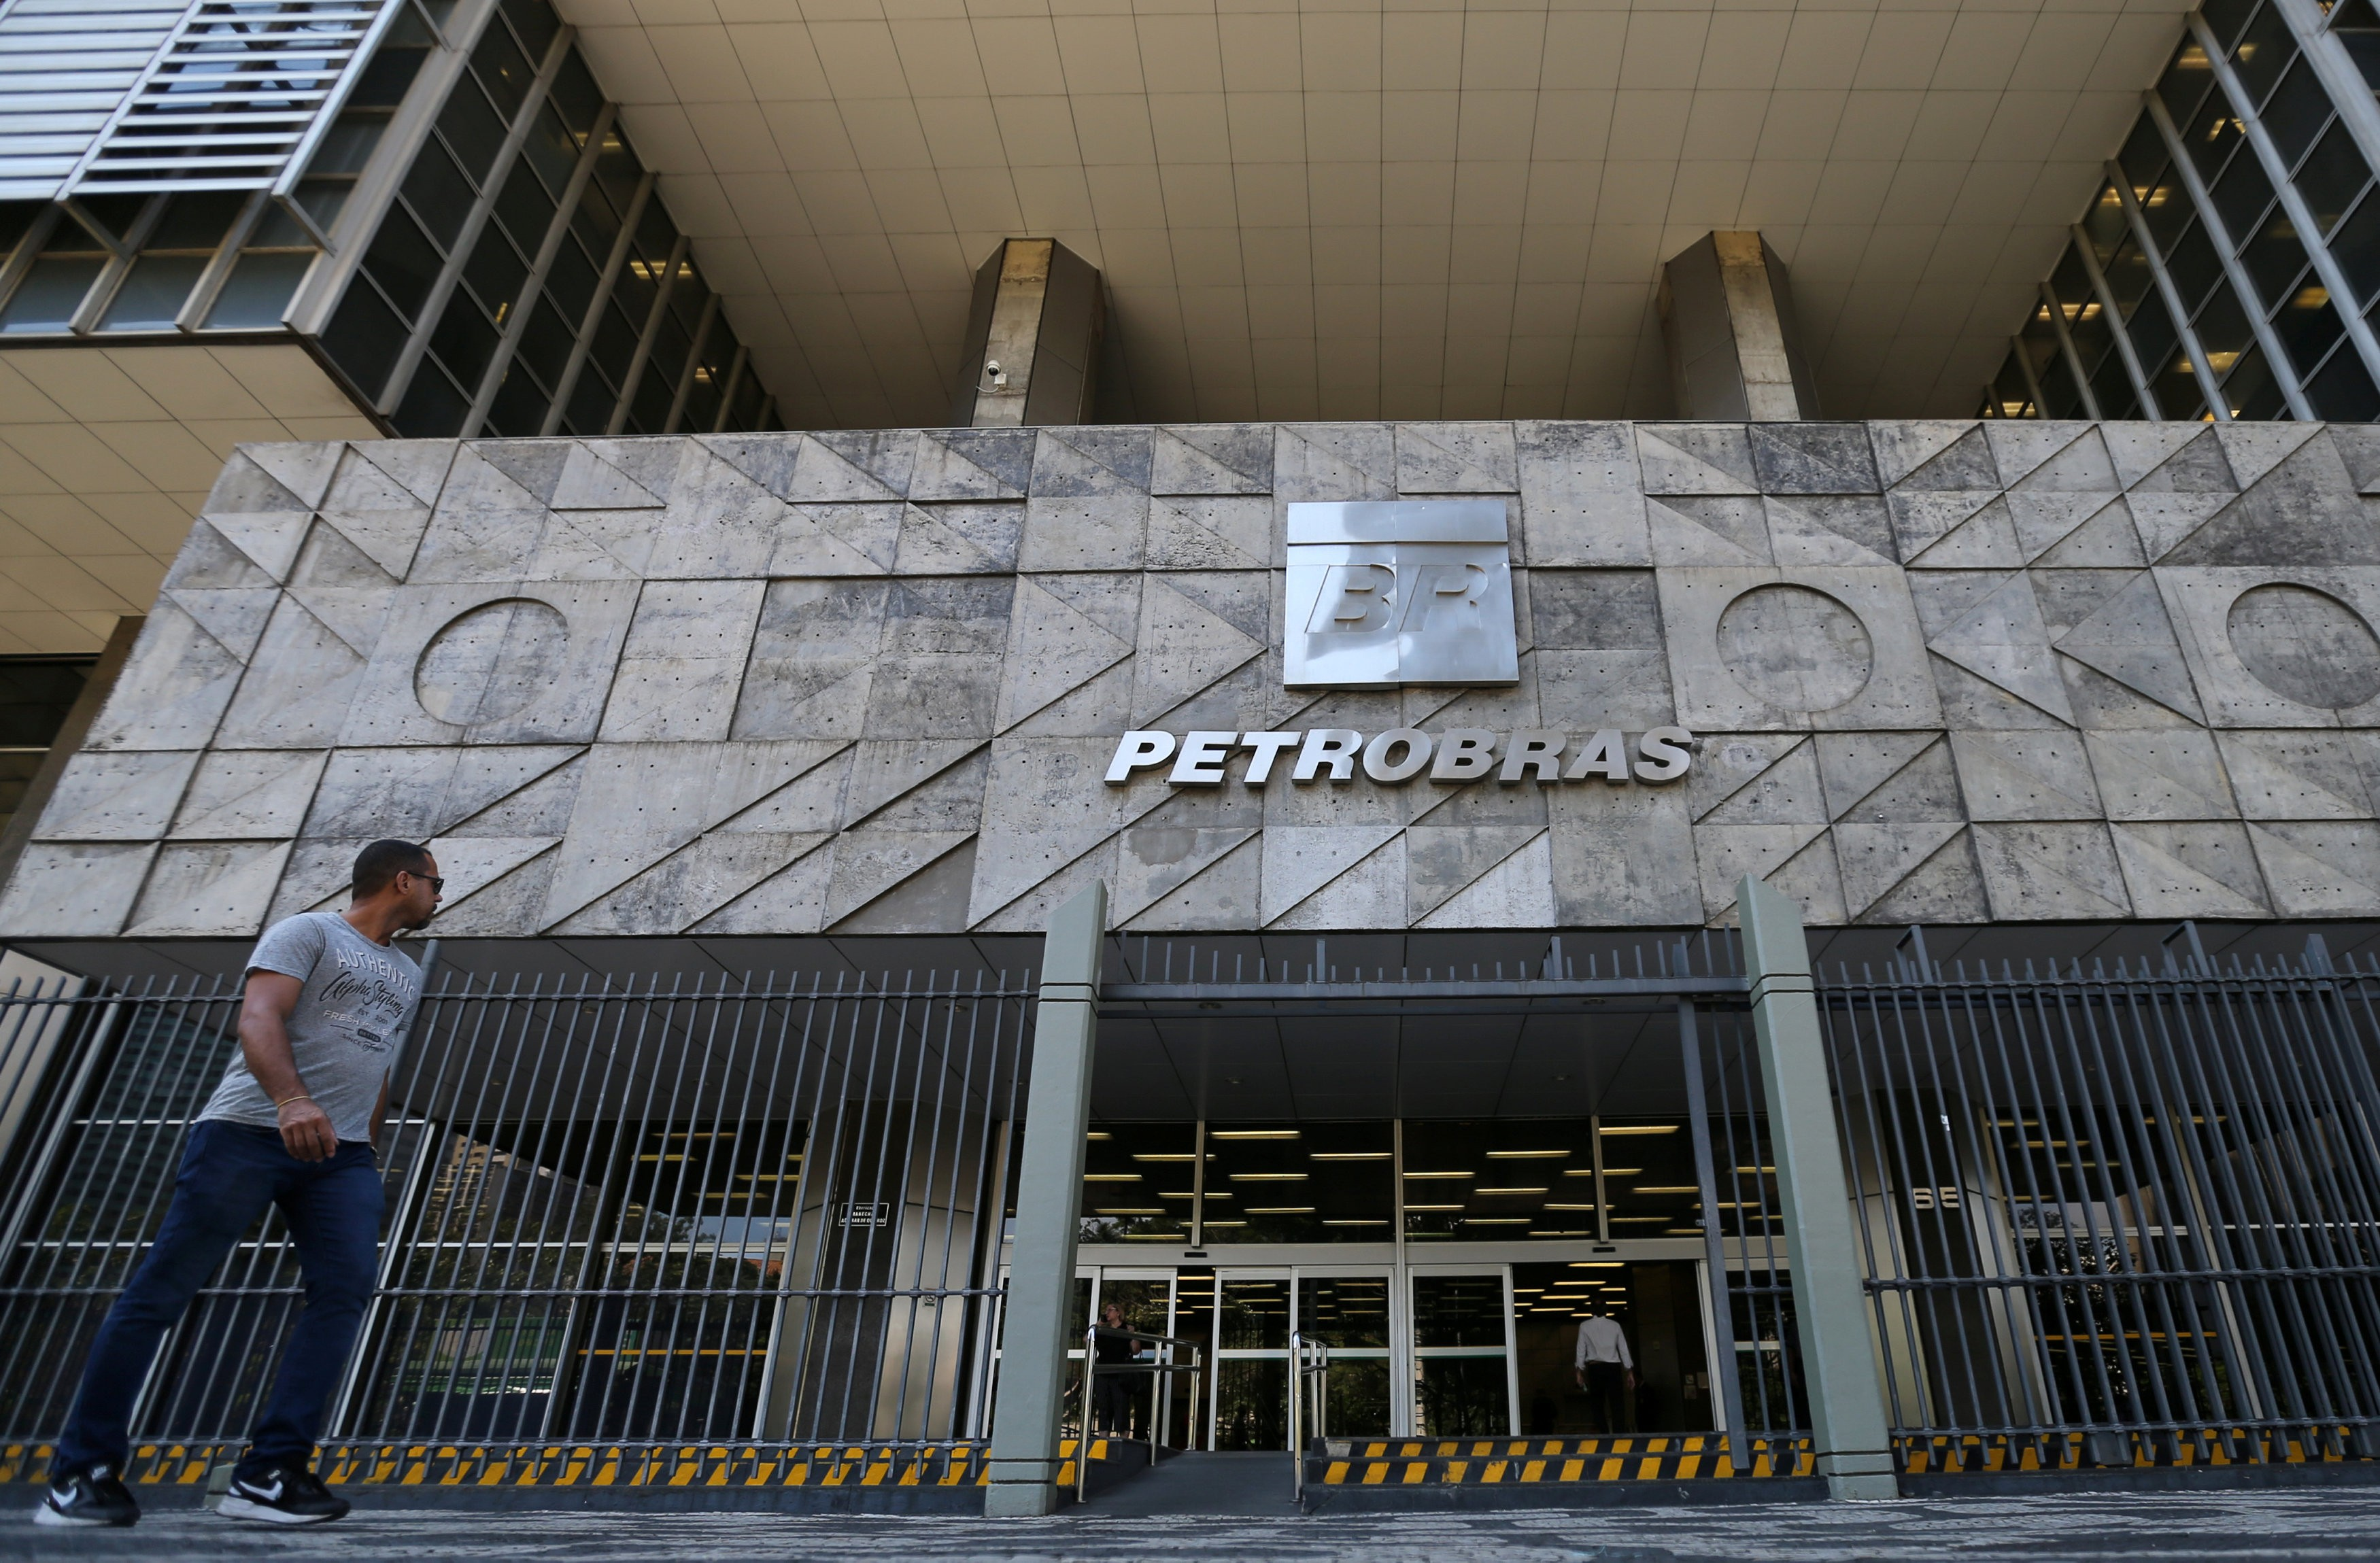 Petrobras ganha R$ 30,7 bilhões em valor de mercado; entenda a alta das ações da empresa thumbnail